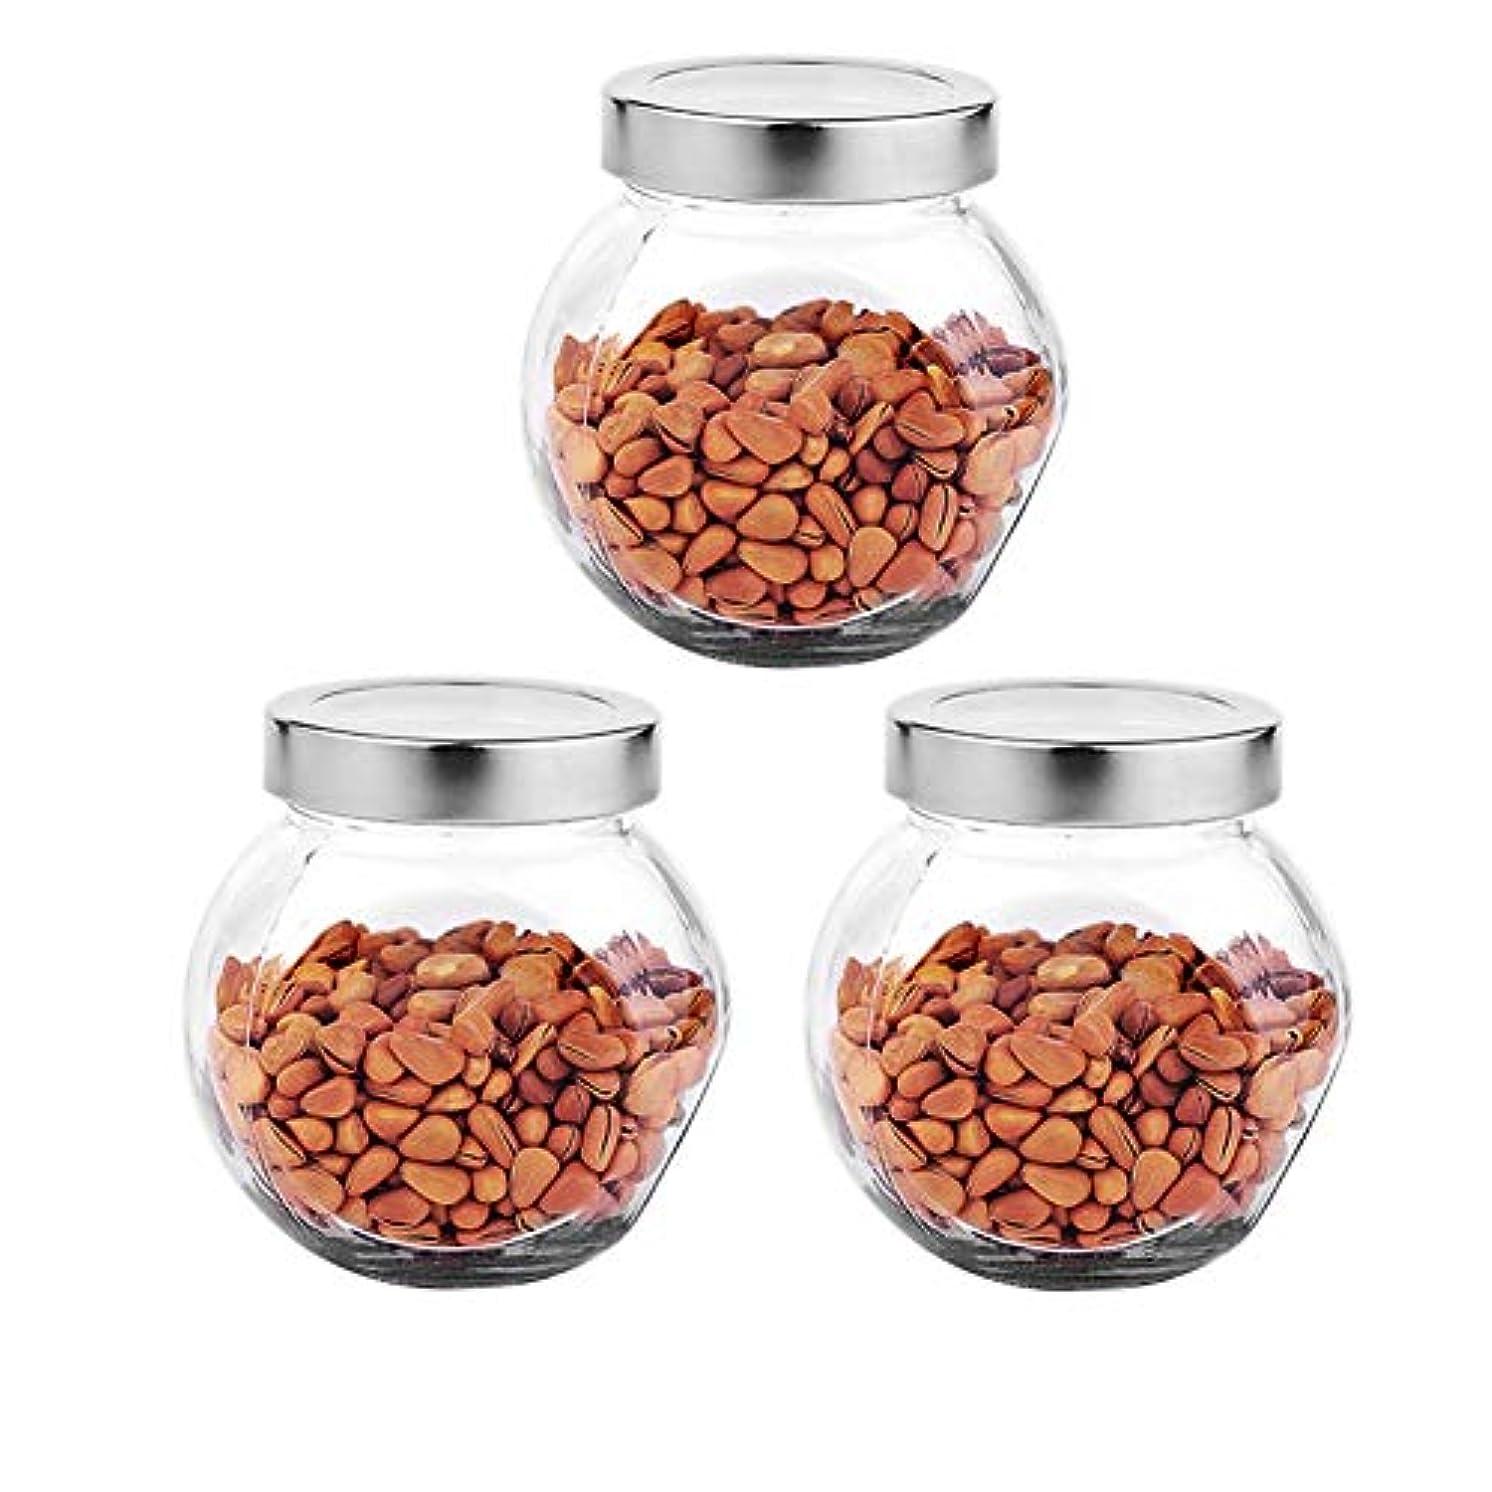 勇者契約した袋3つの透明ガラス貯蔵容器茶/季節密封缶の貯蔵ジャーパック(450 ml)